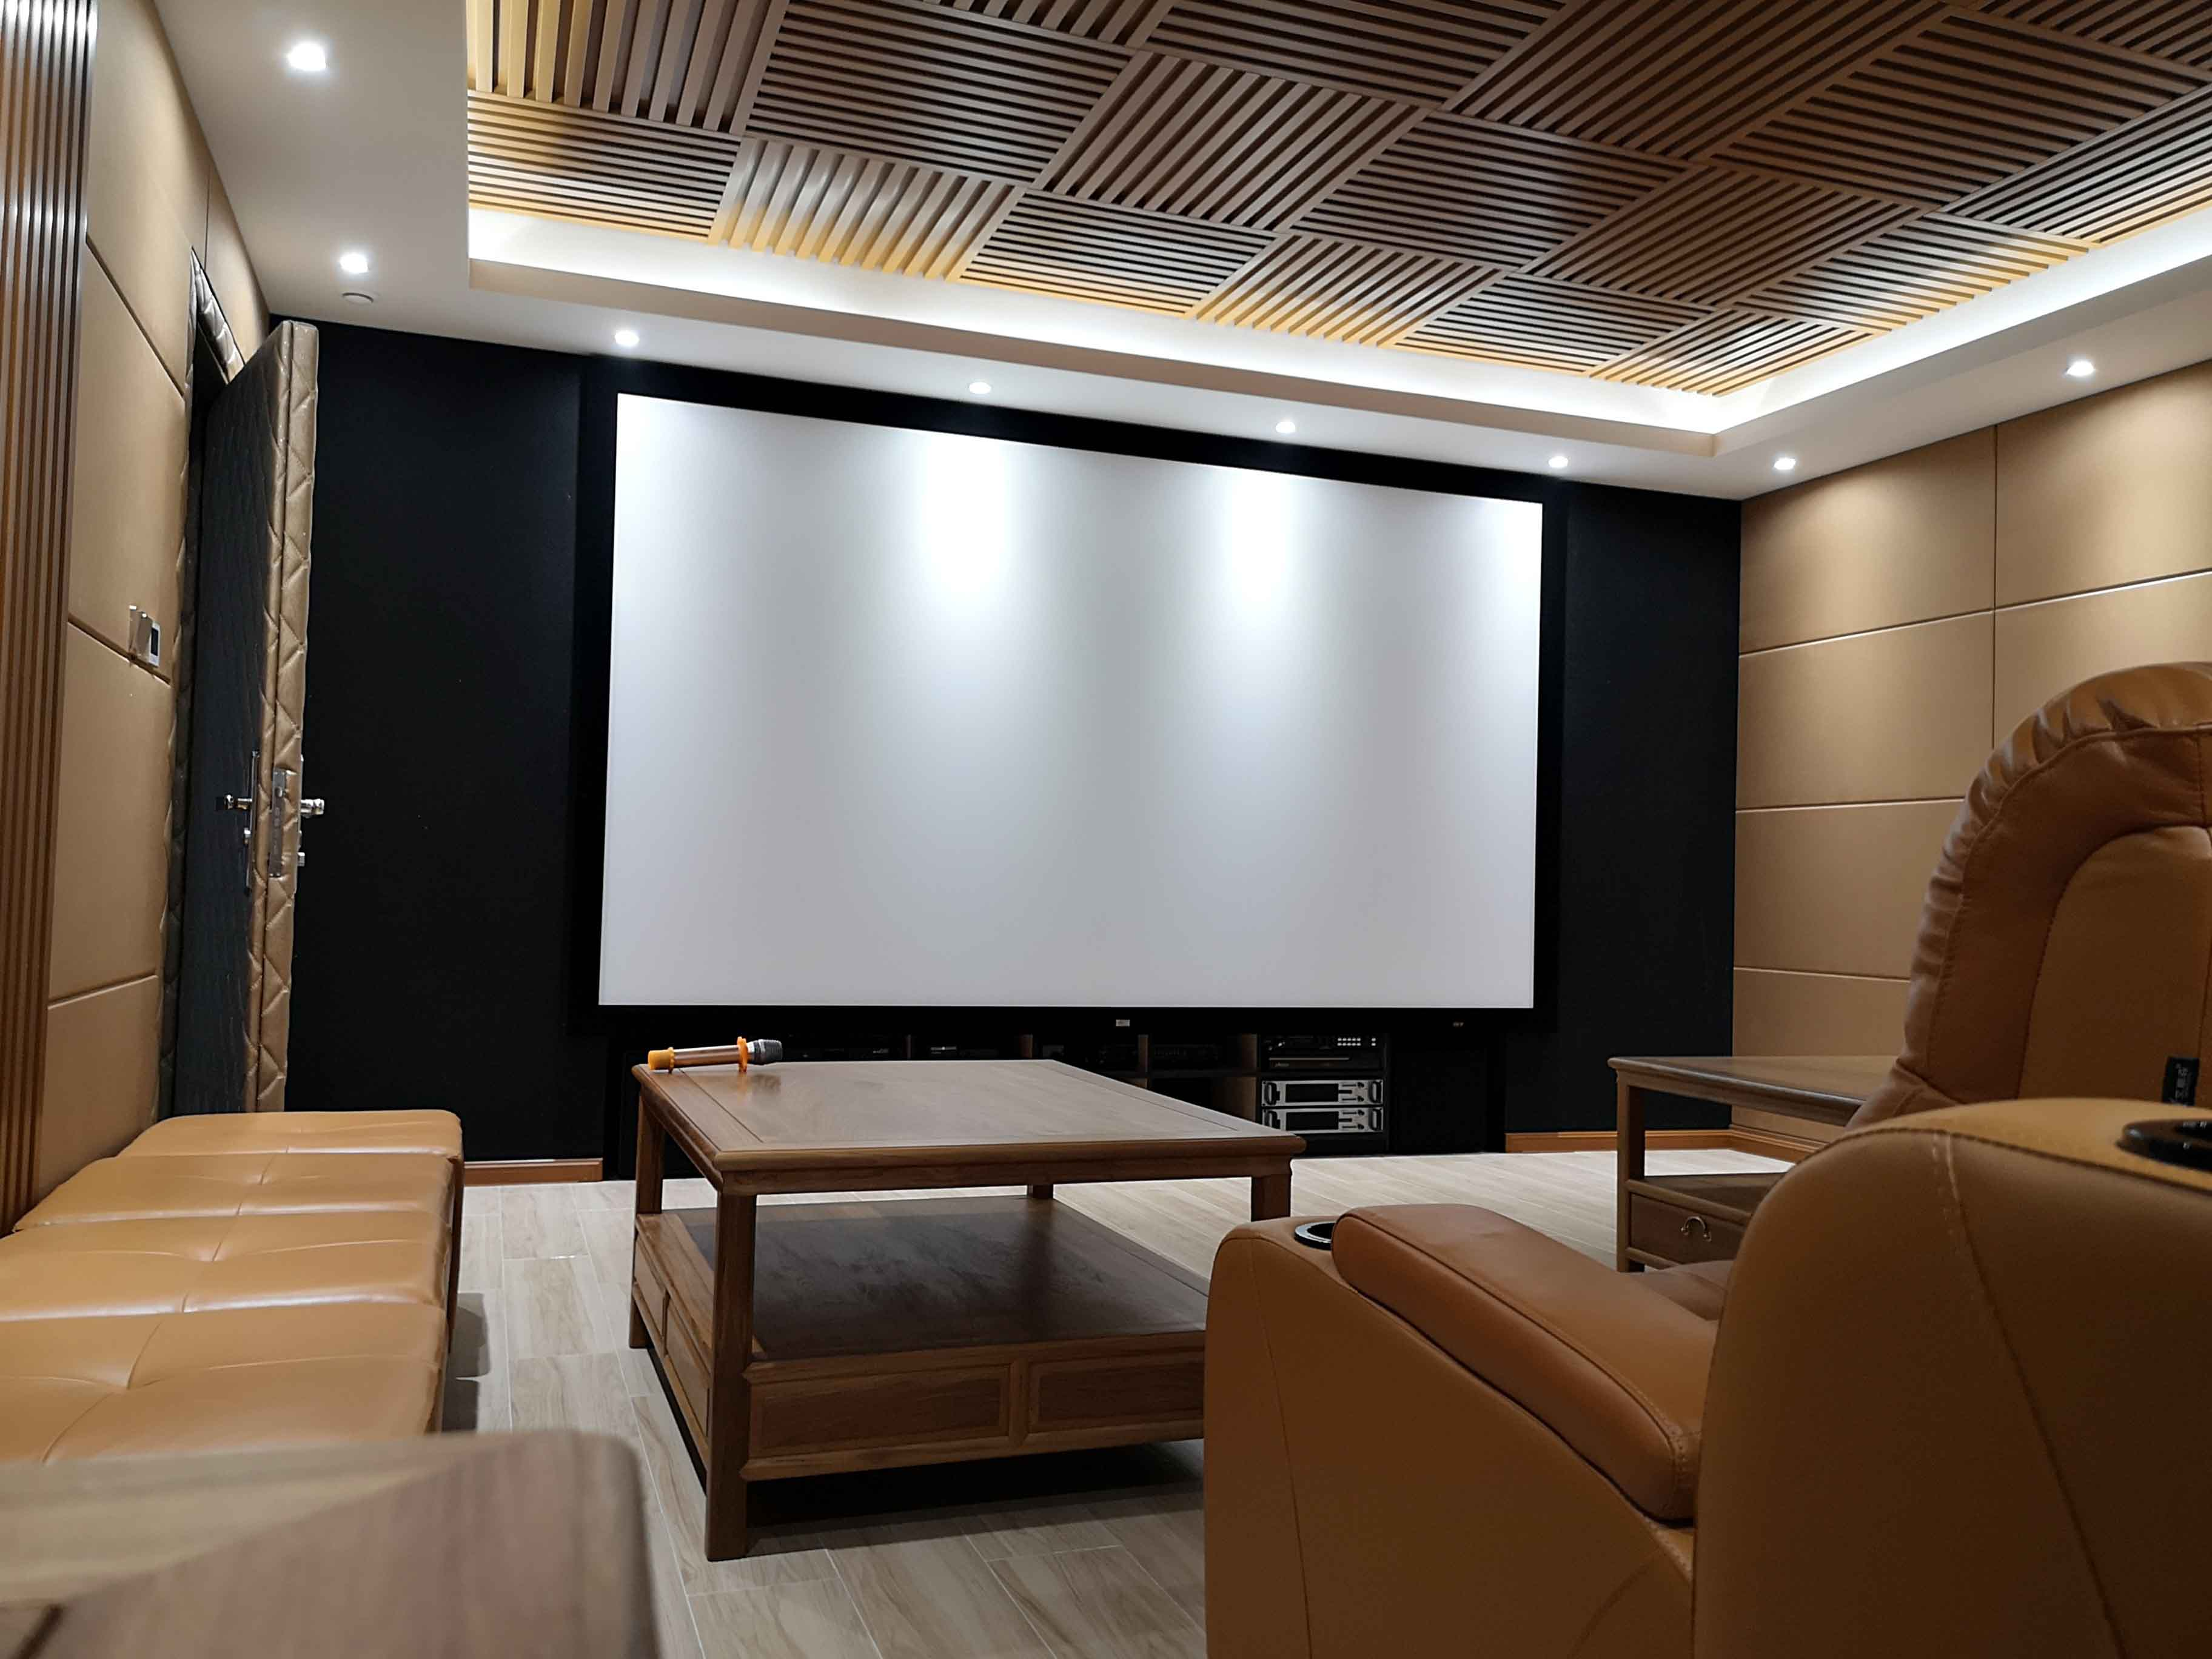 广州锦林山庄高清3D私家影院案例分享